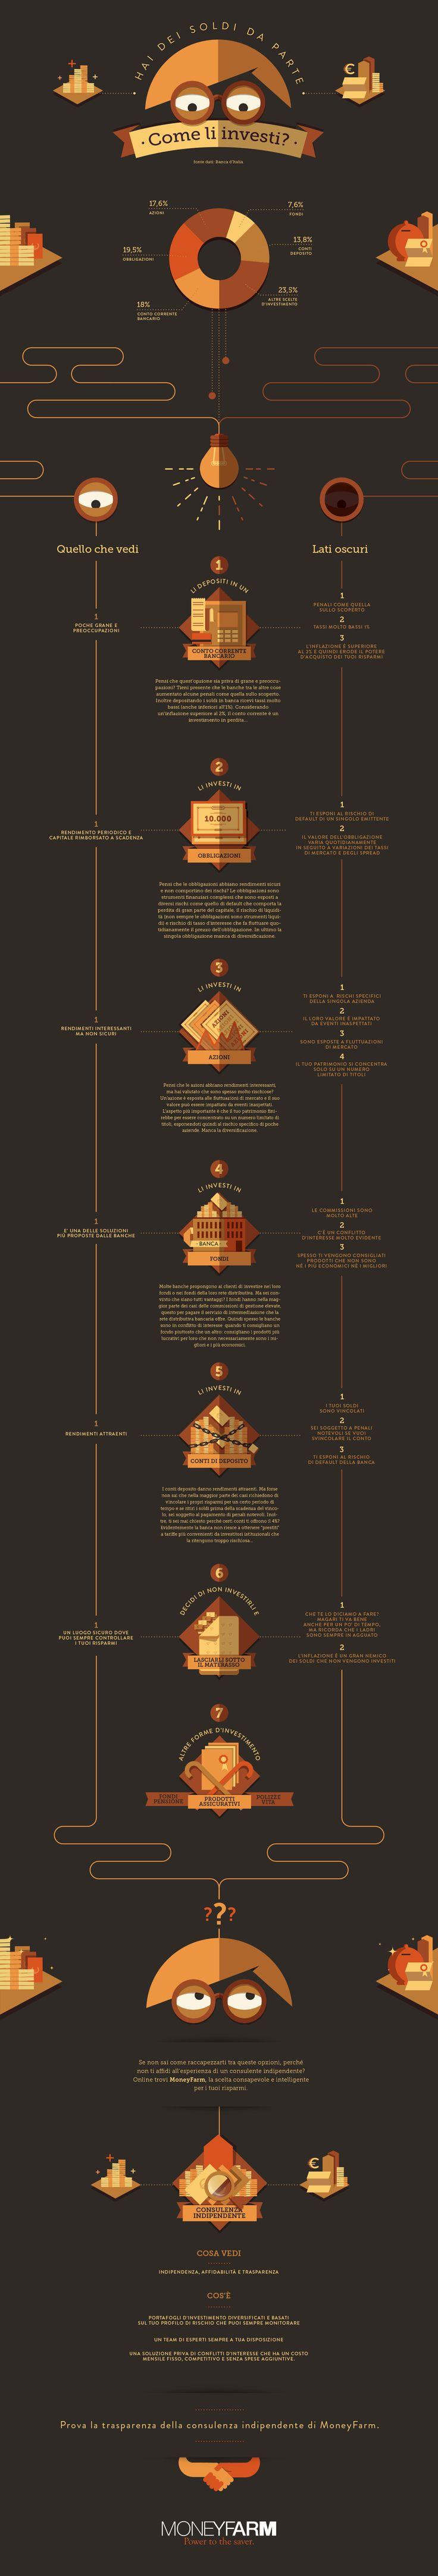 Money Farm Infographic